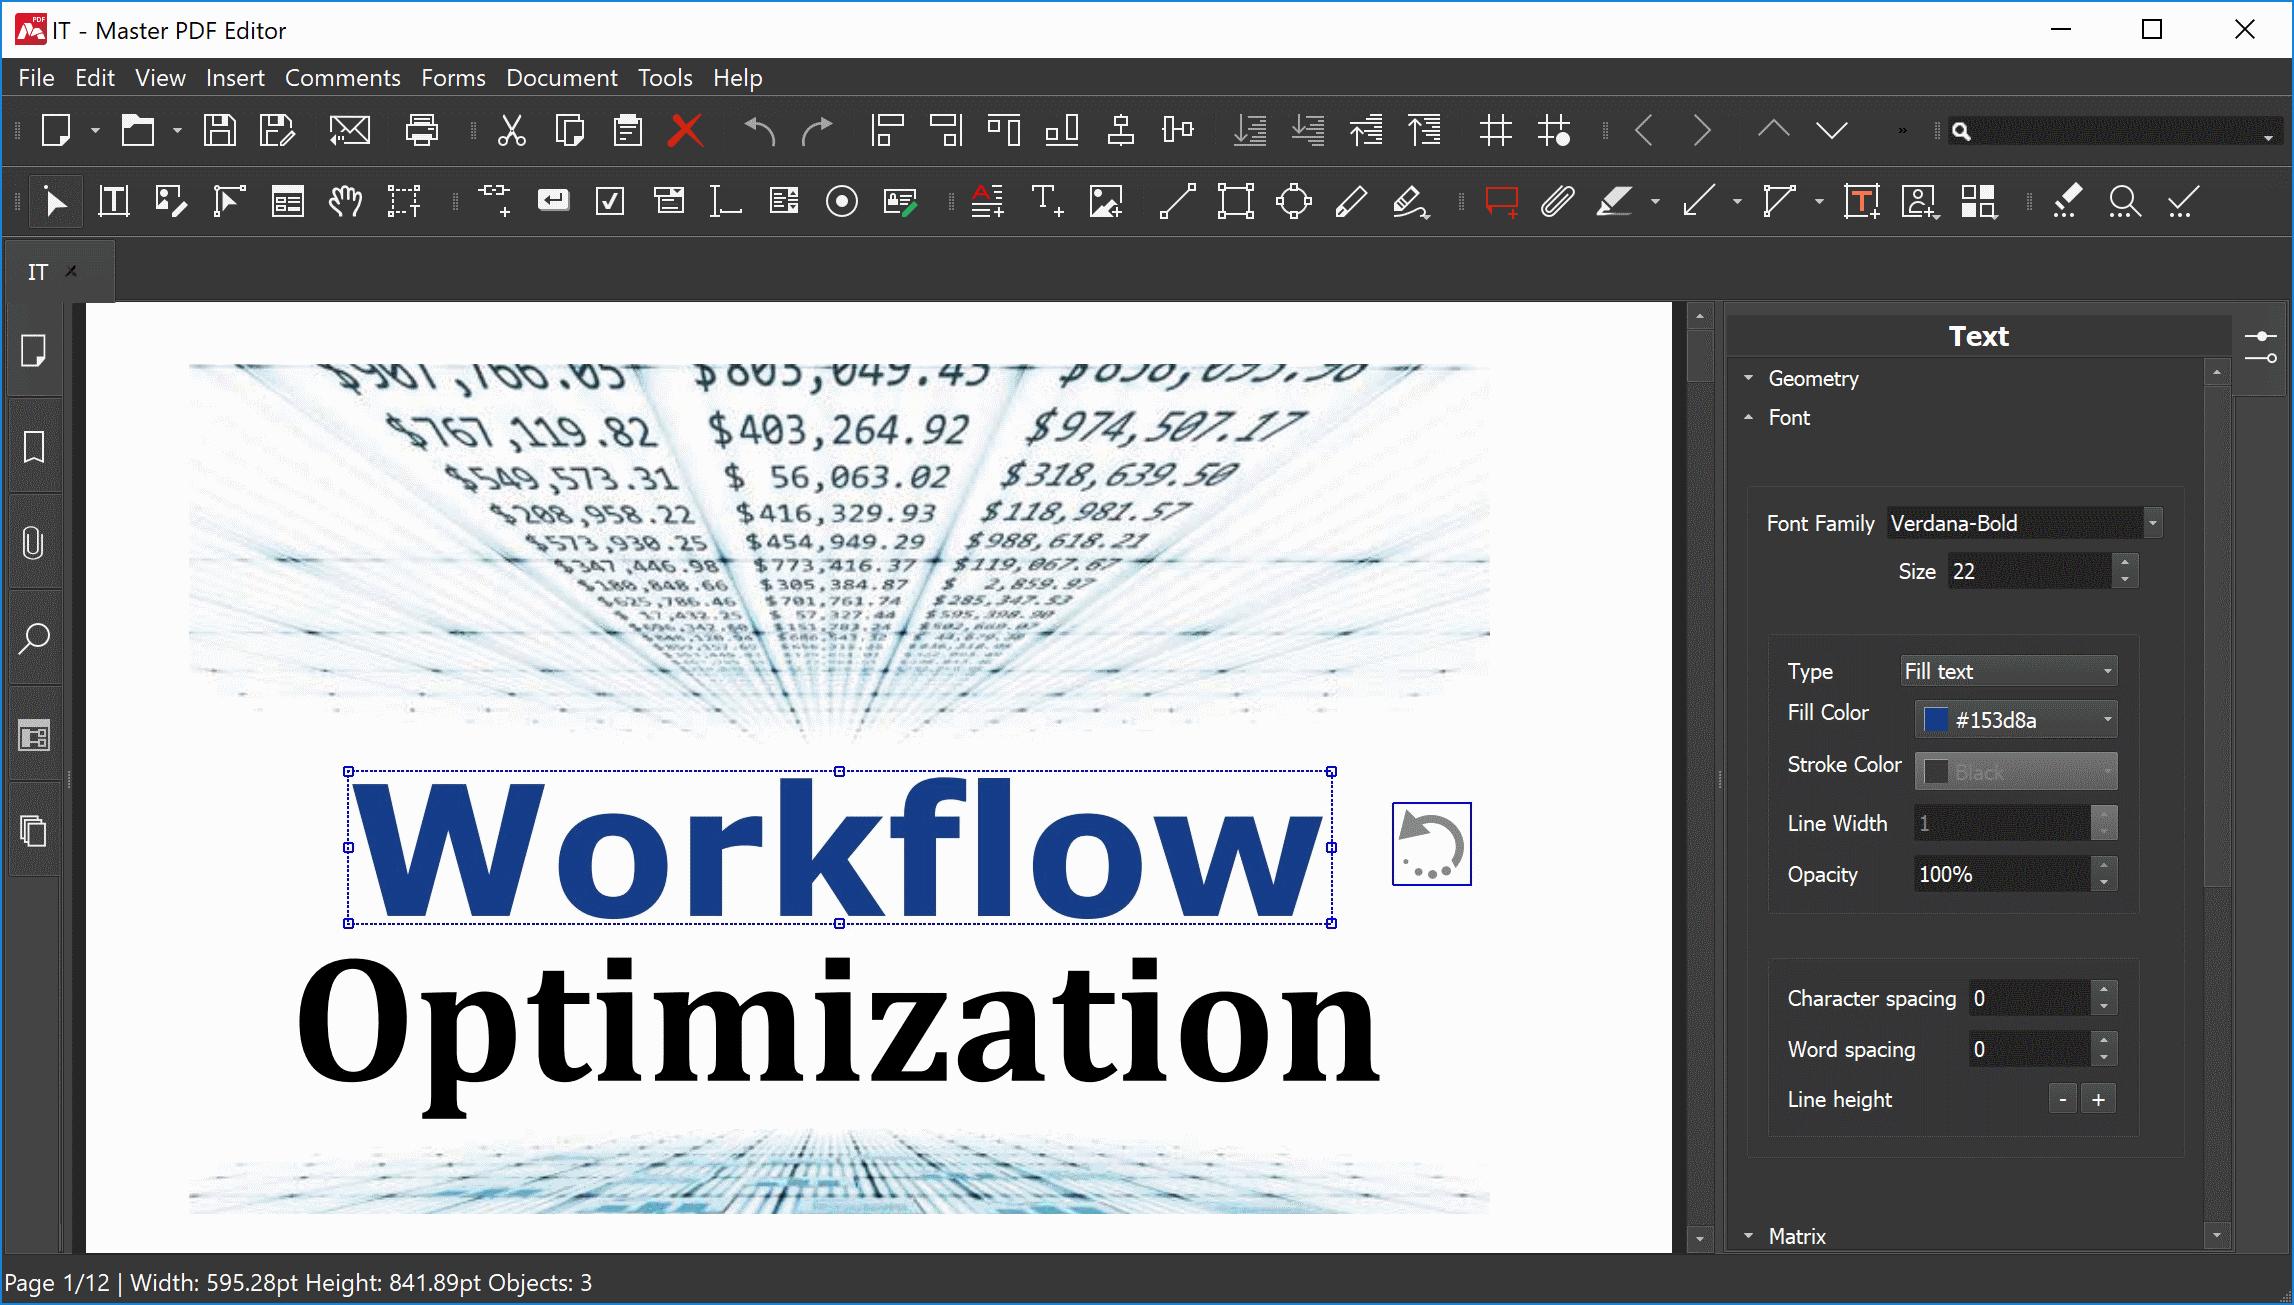 Master PDF Editor v5.2.11